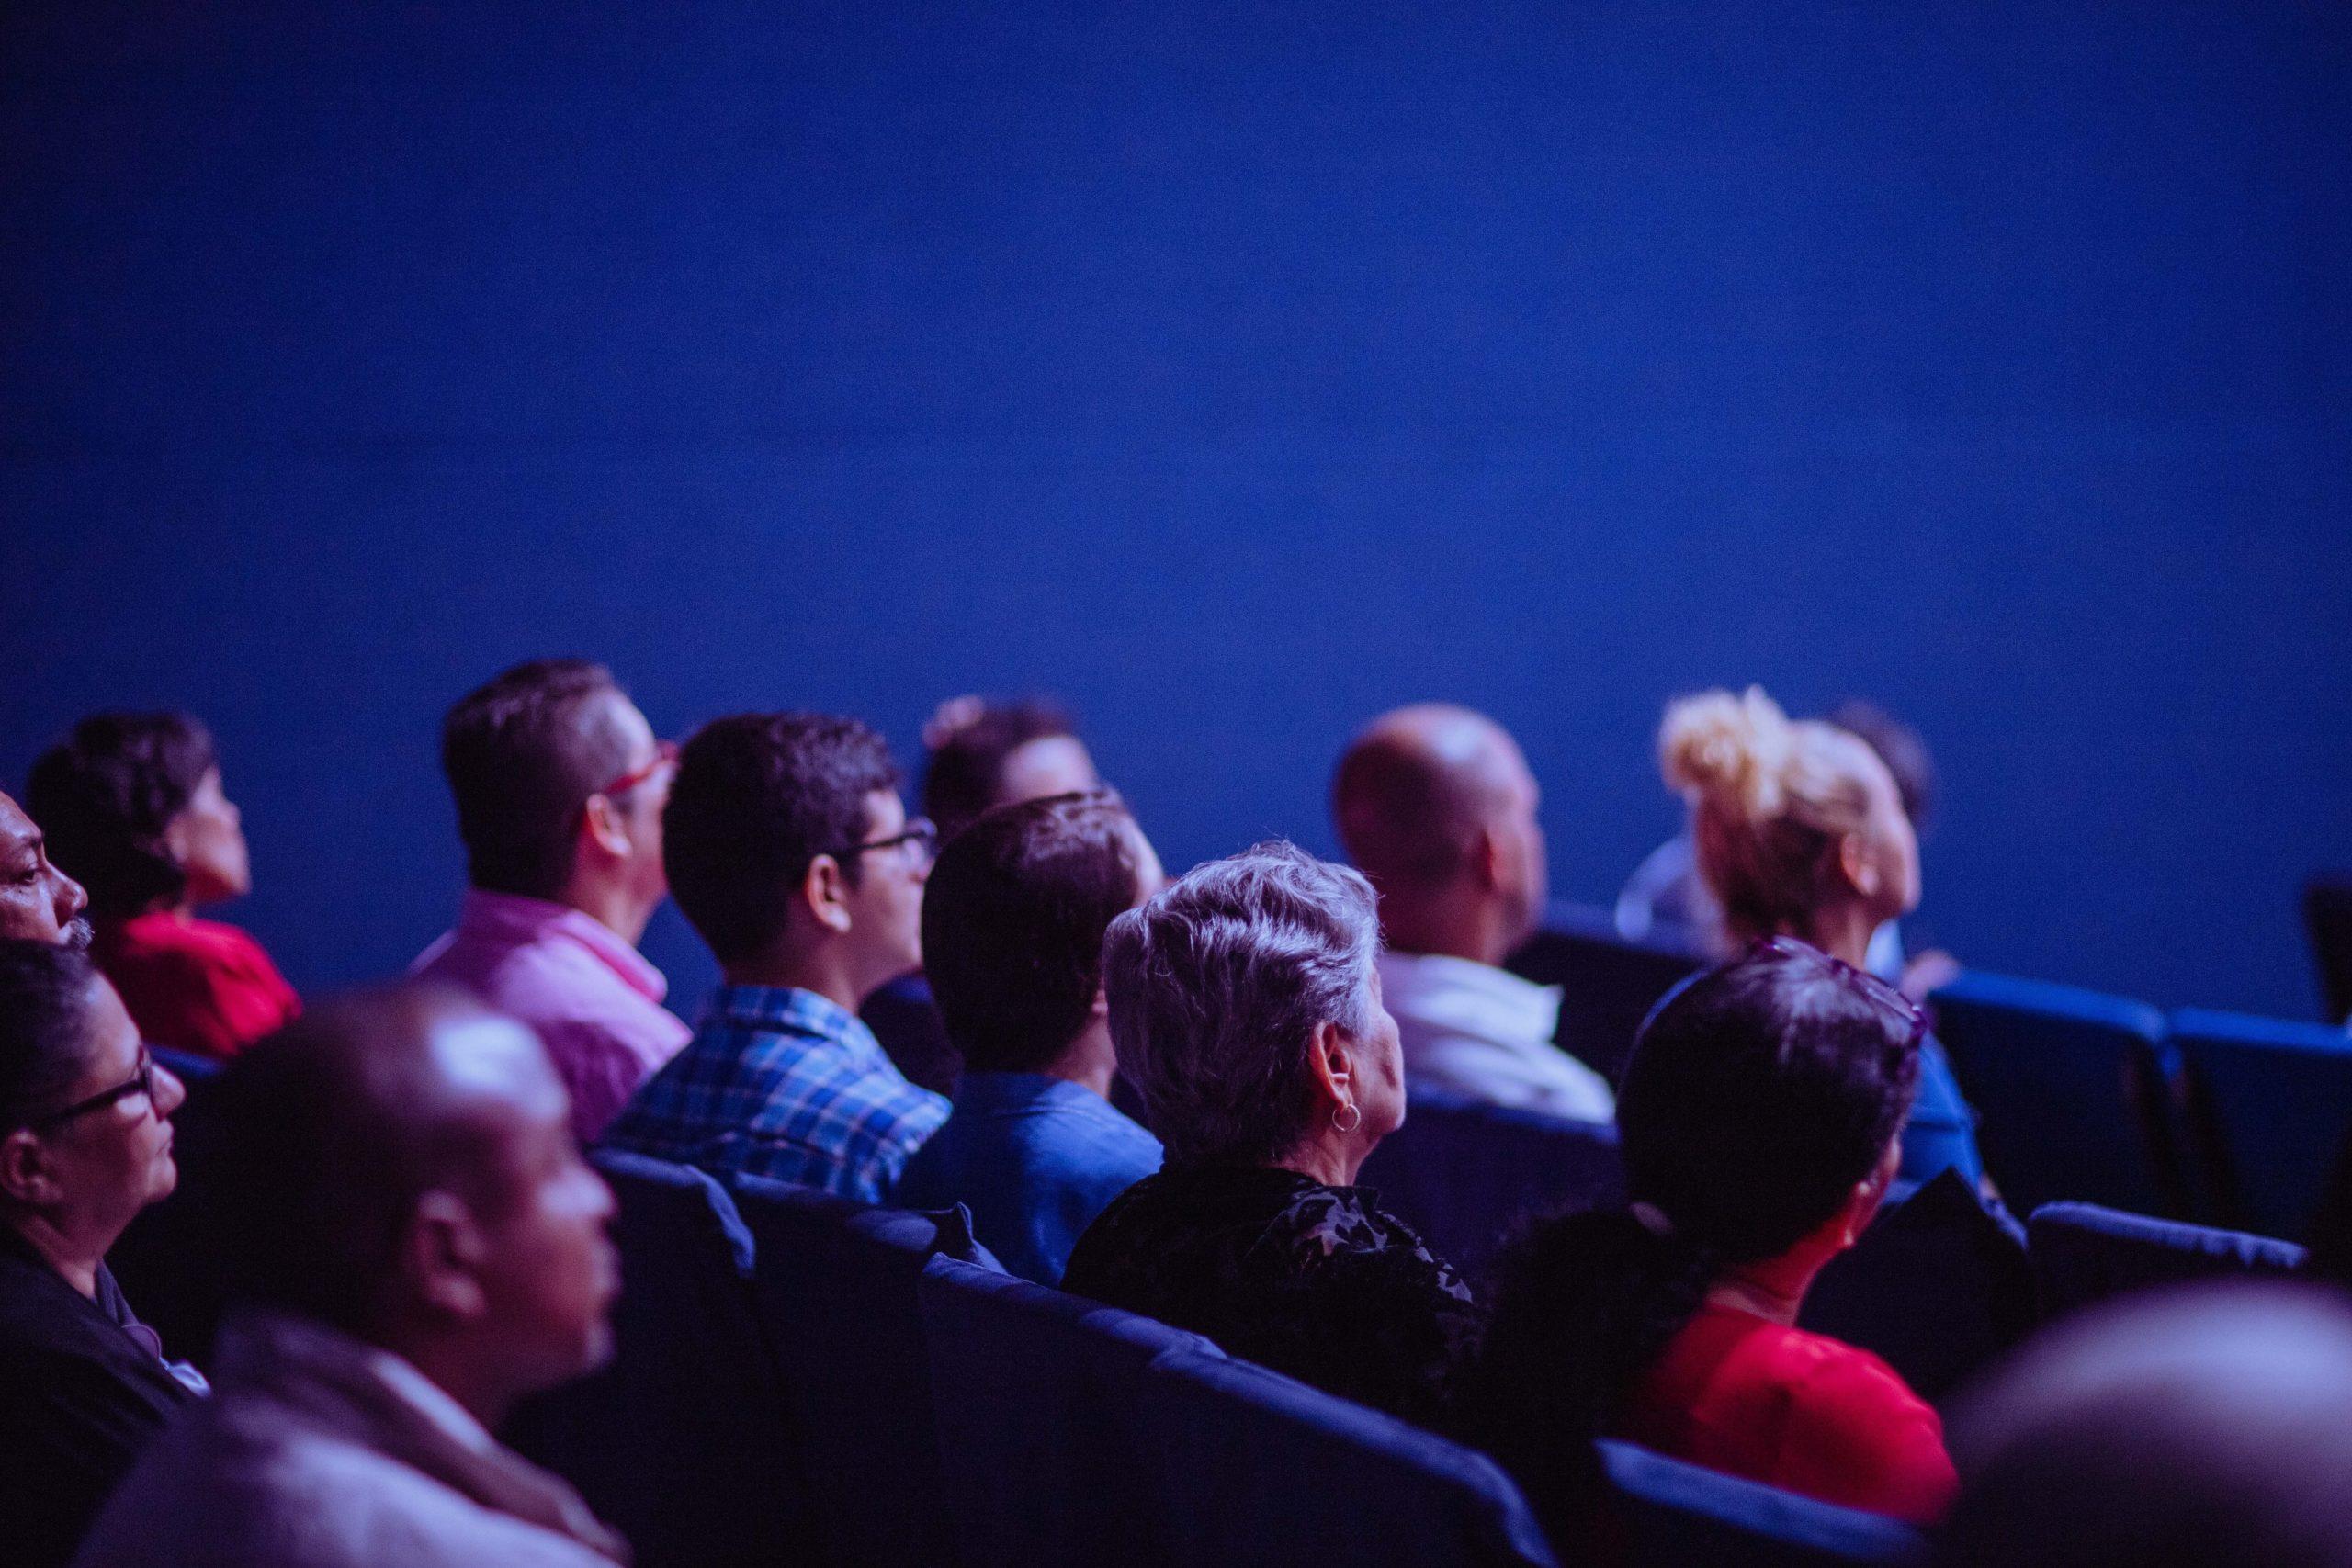 Cinéma vs streaming : rien ne vaut une bonne toile !